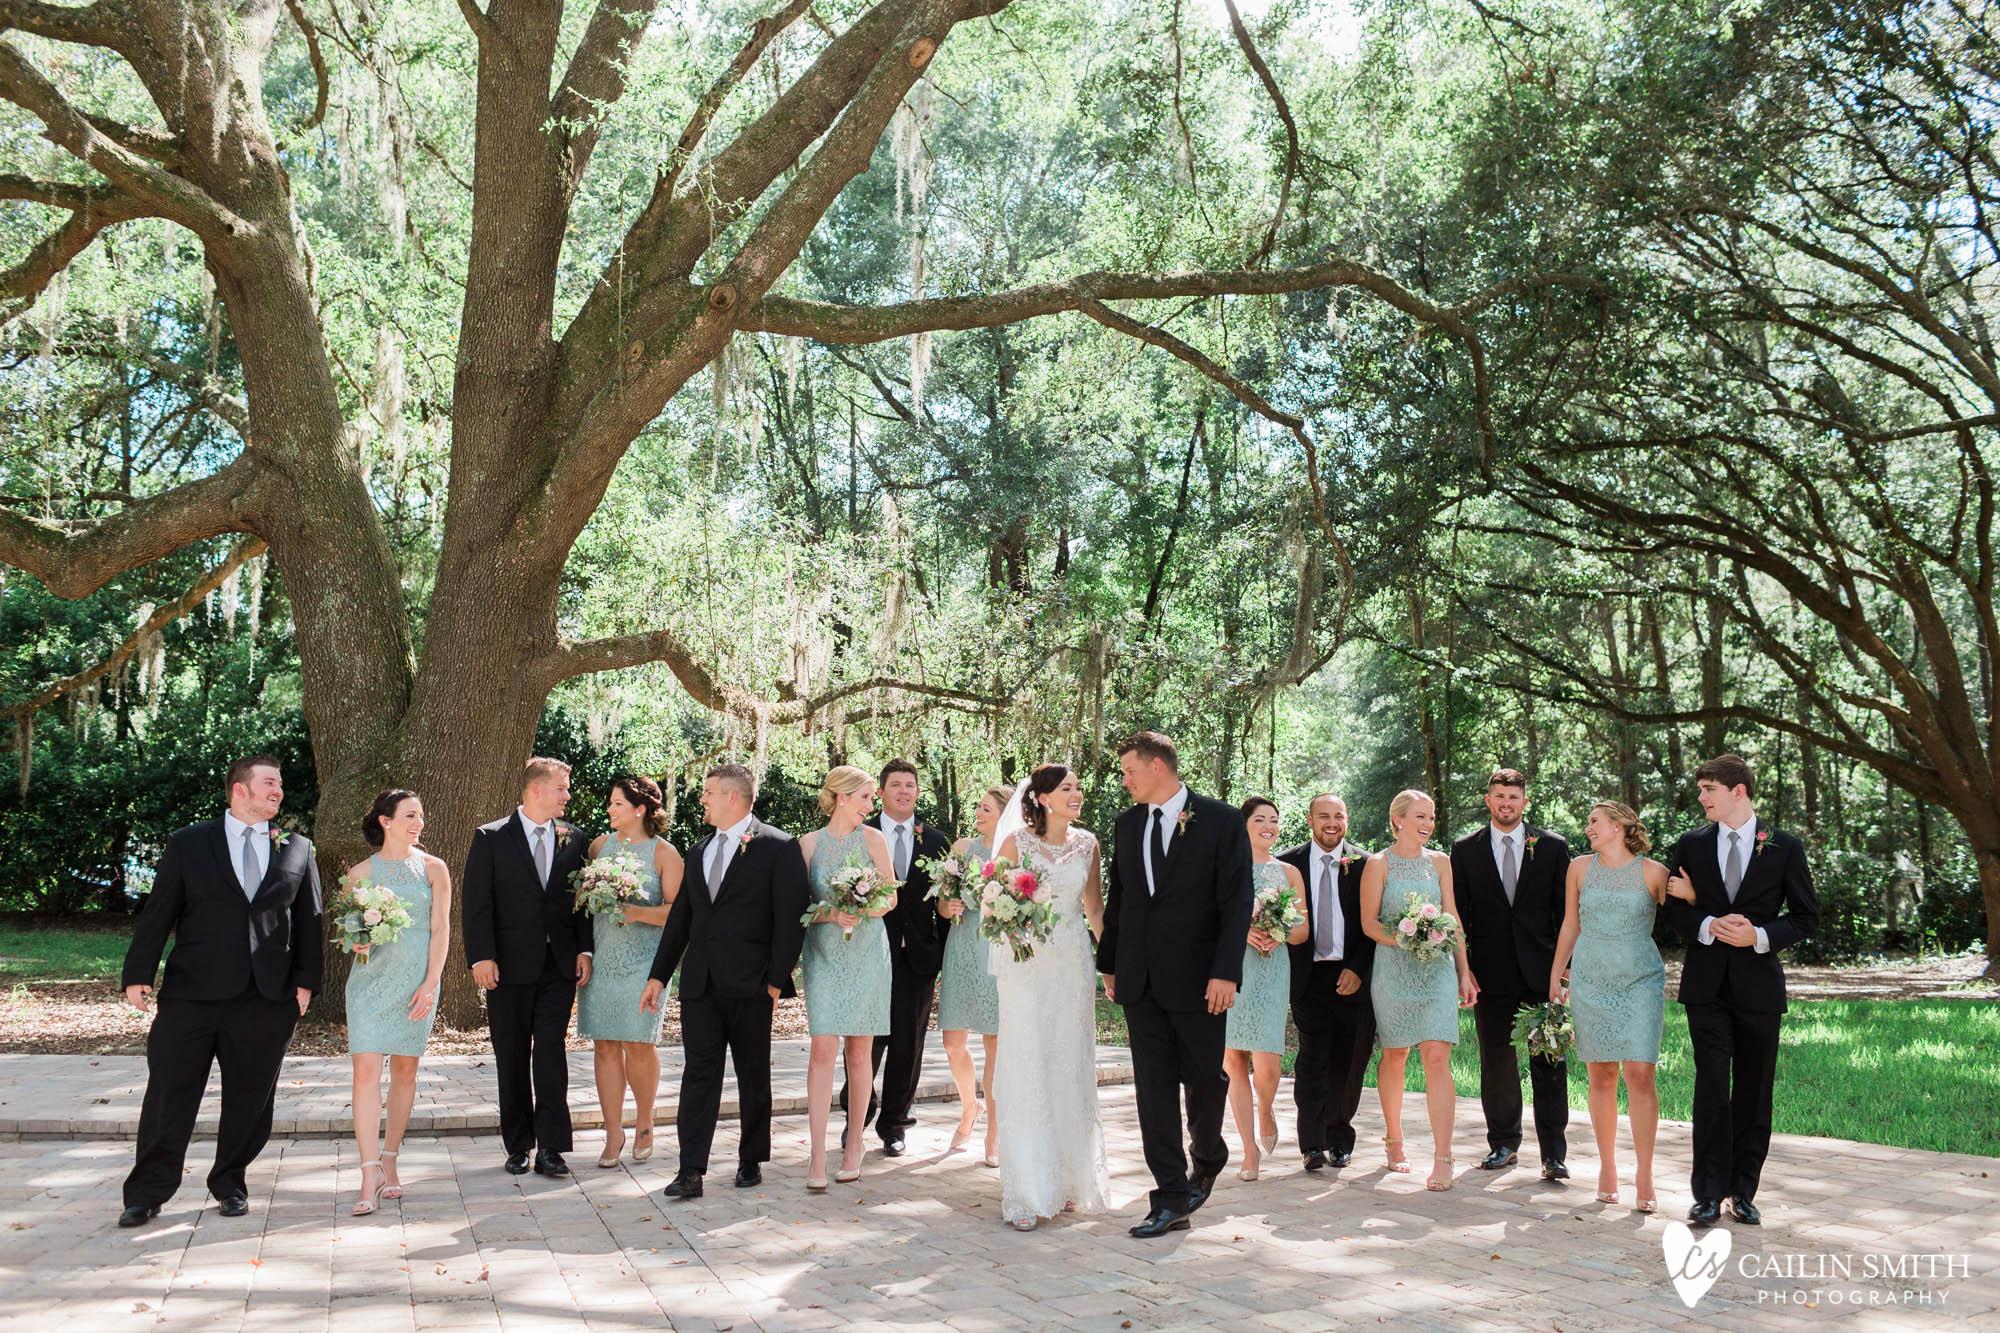 Bethany_Kyle_Bowing_Oaks_Plantation_Wedding_Photography_0053.jpg